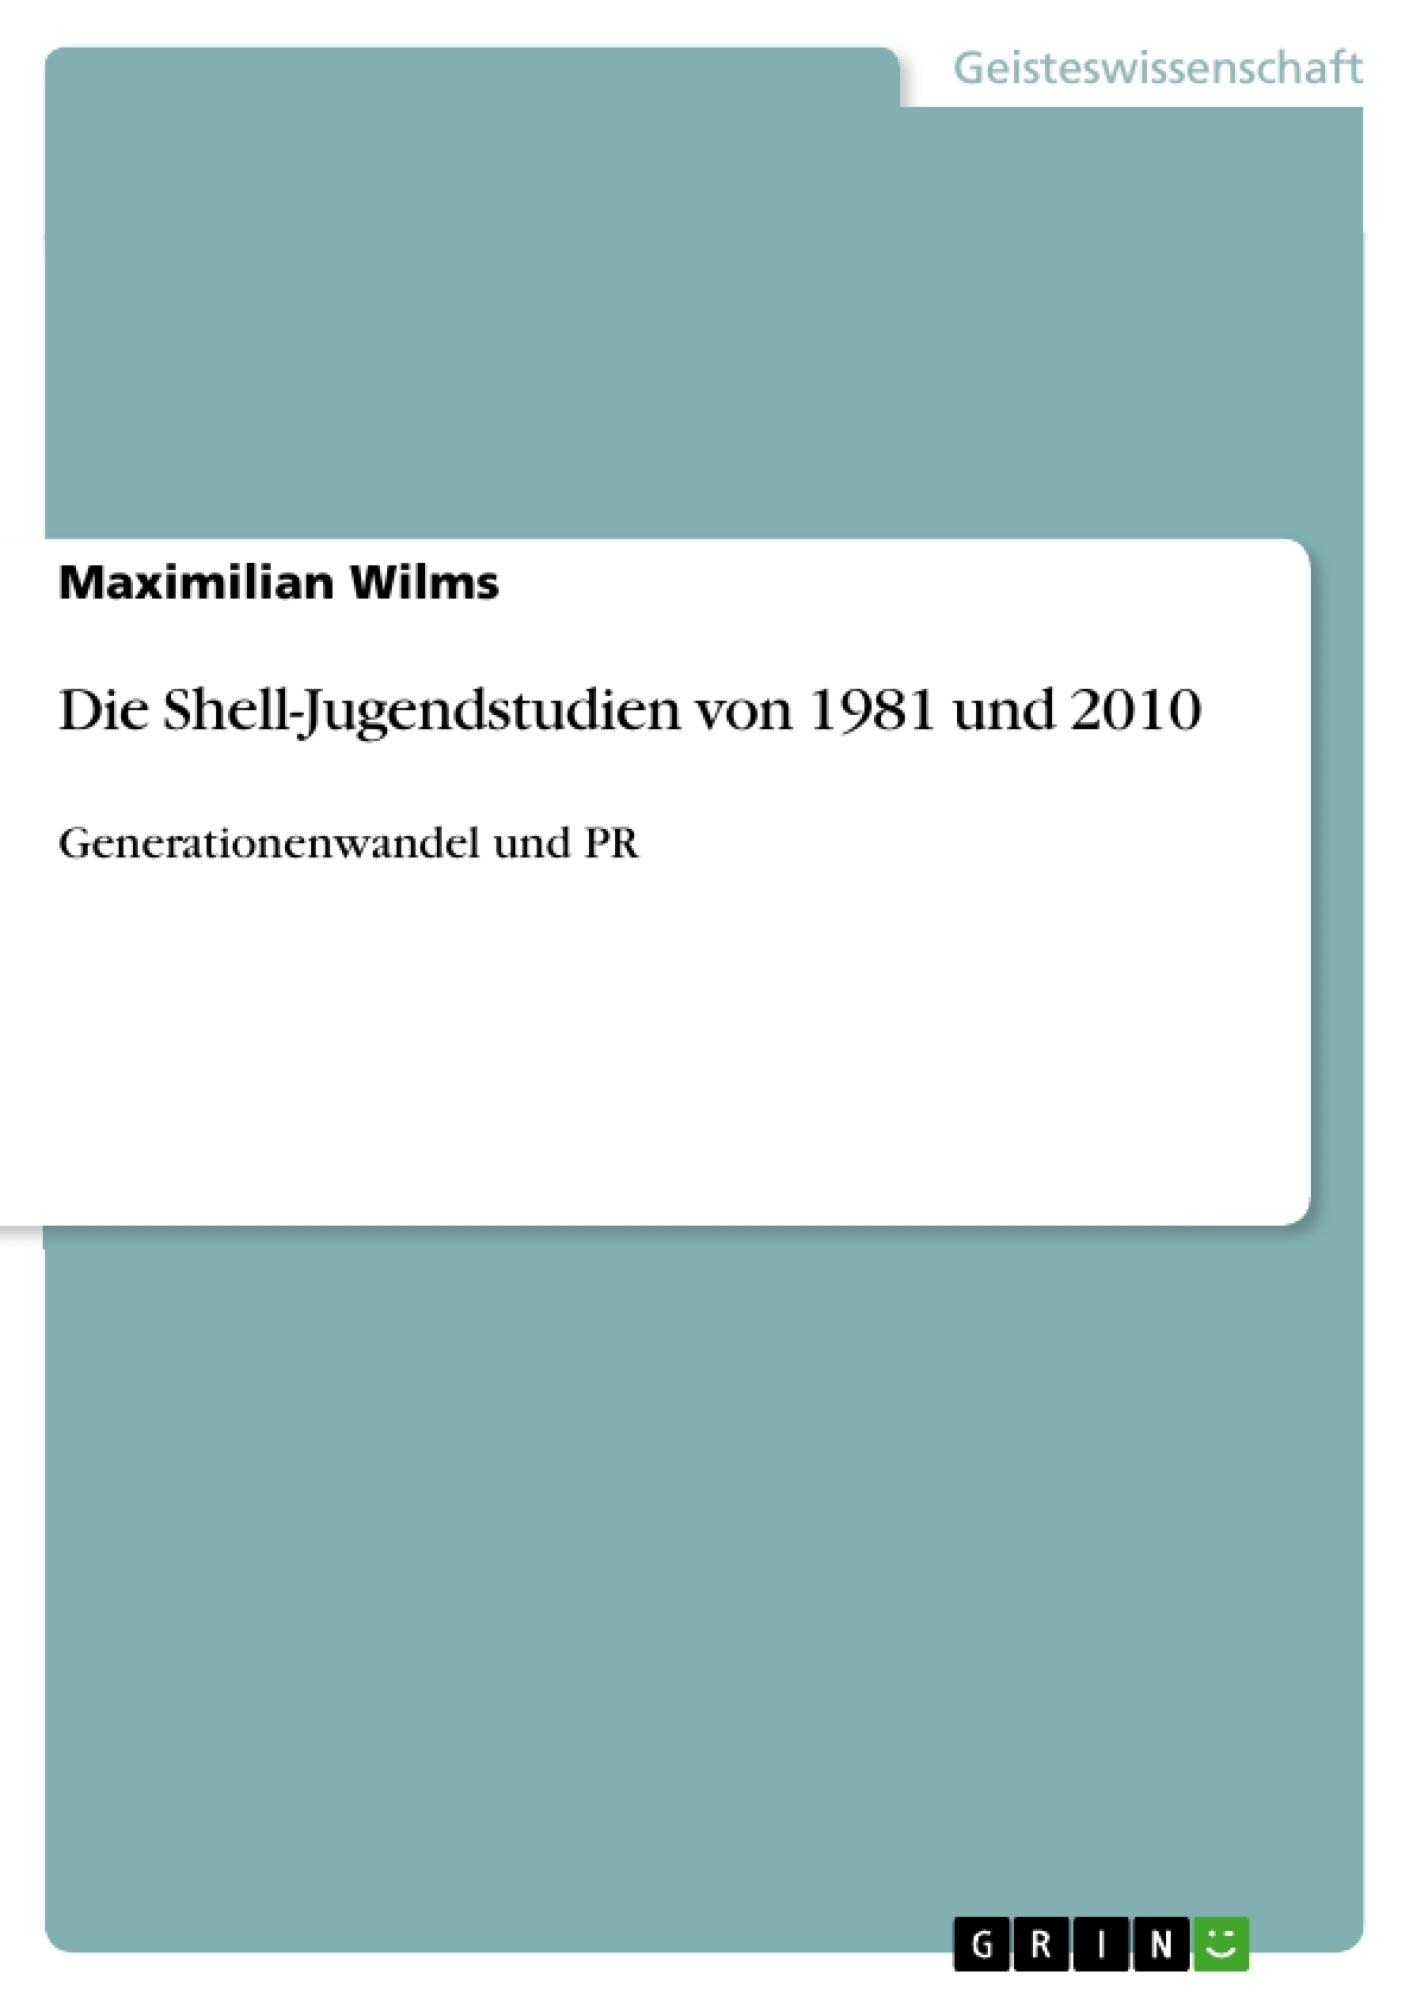 Titel: Die Shell-Jugendstudien von 1981 und 2010